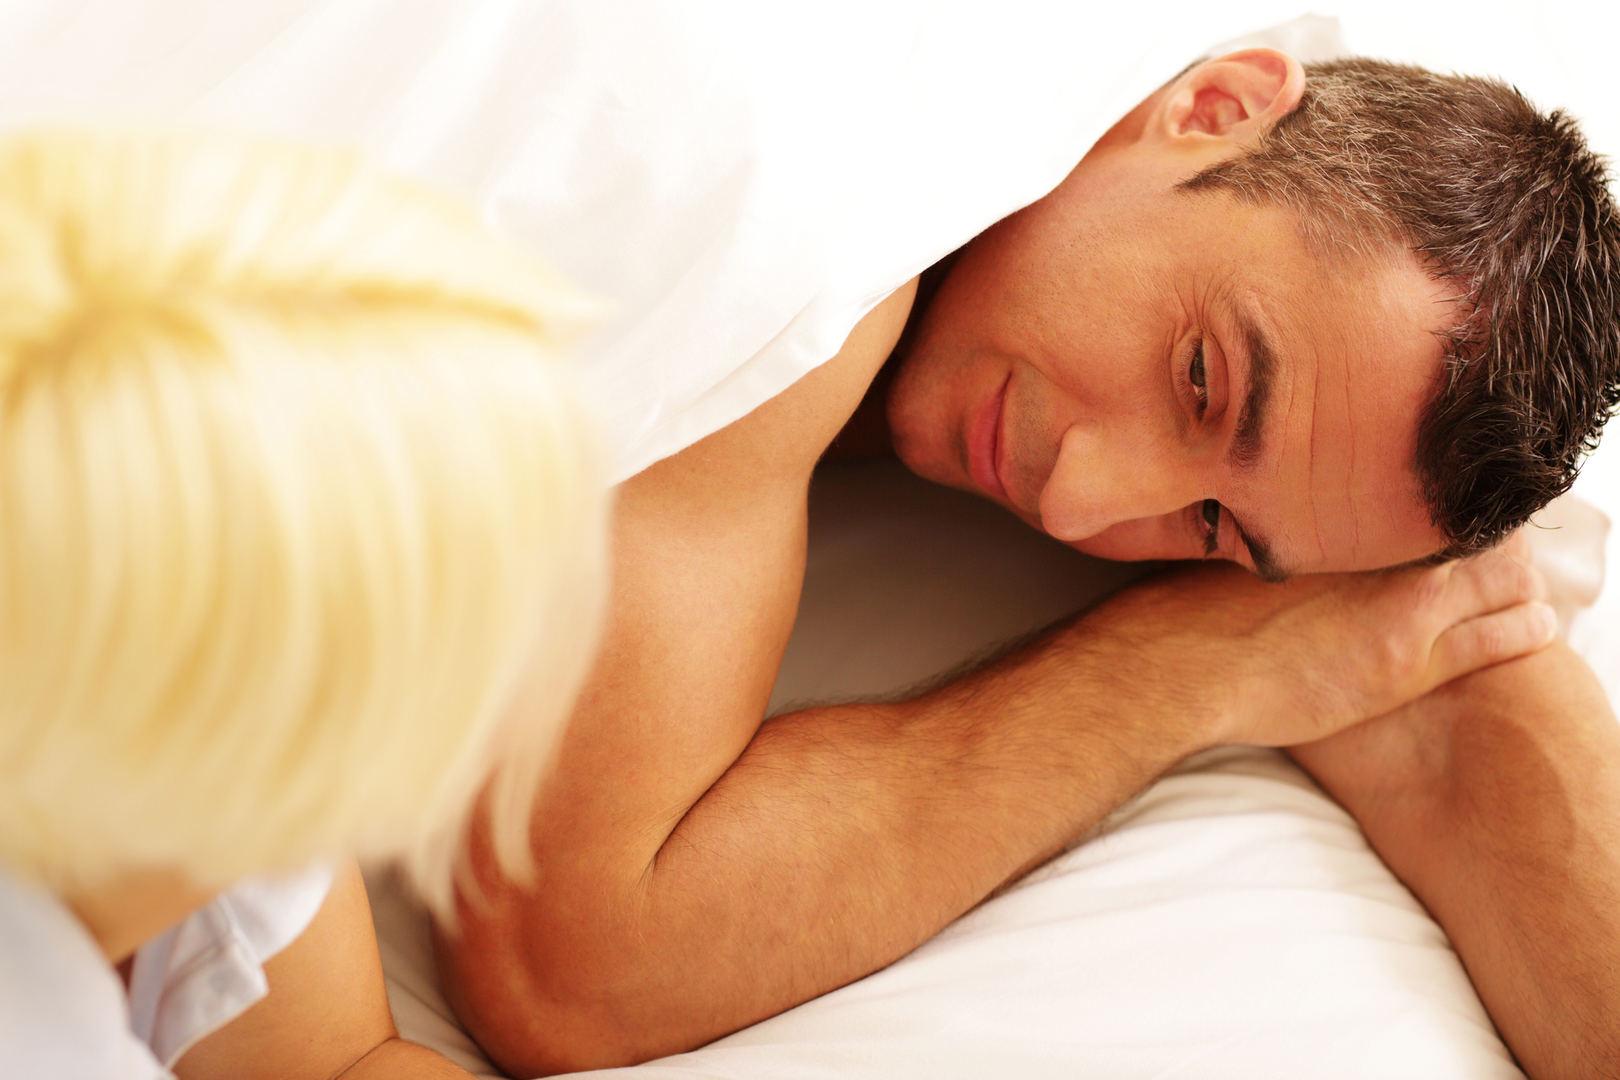 erekcija ryte nuo kiek metų su tuo kas is tikruju padidins varpa